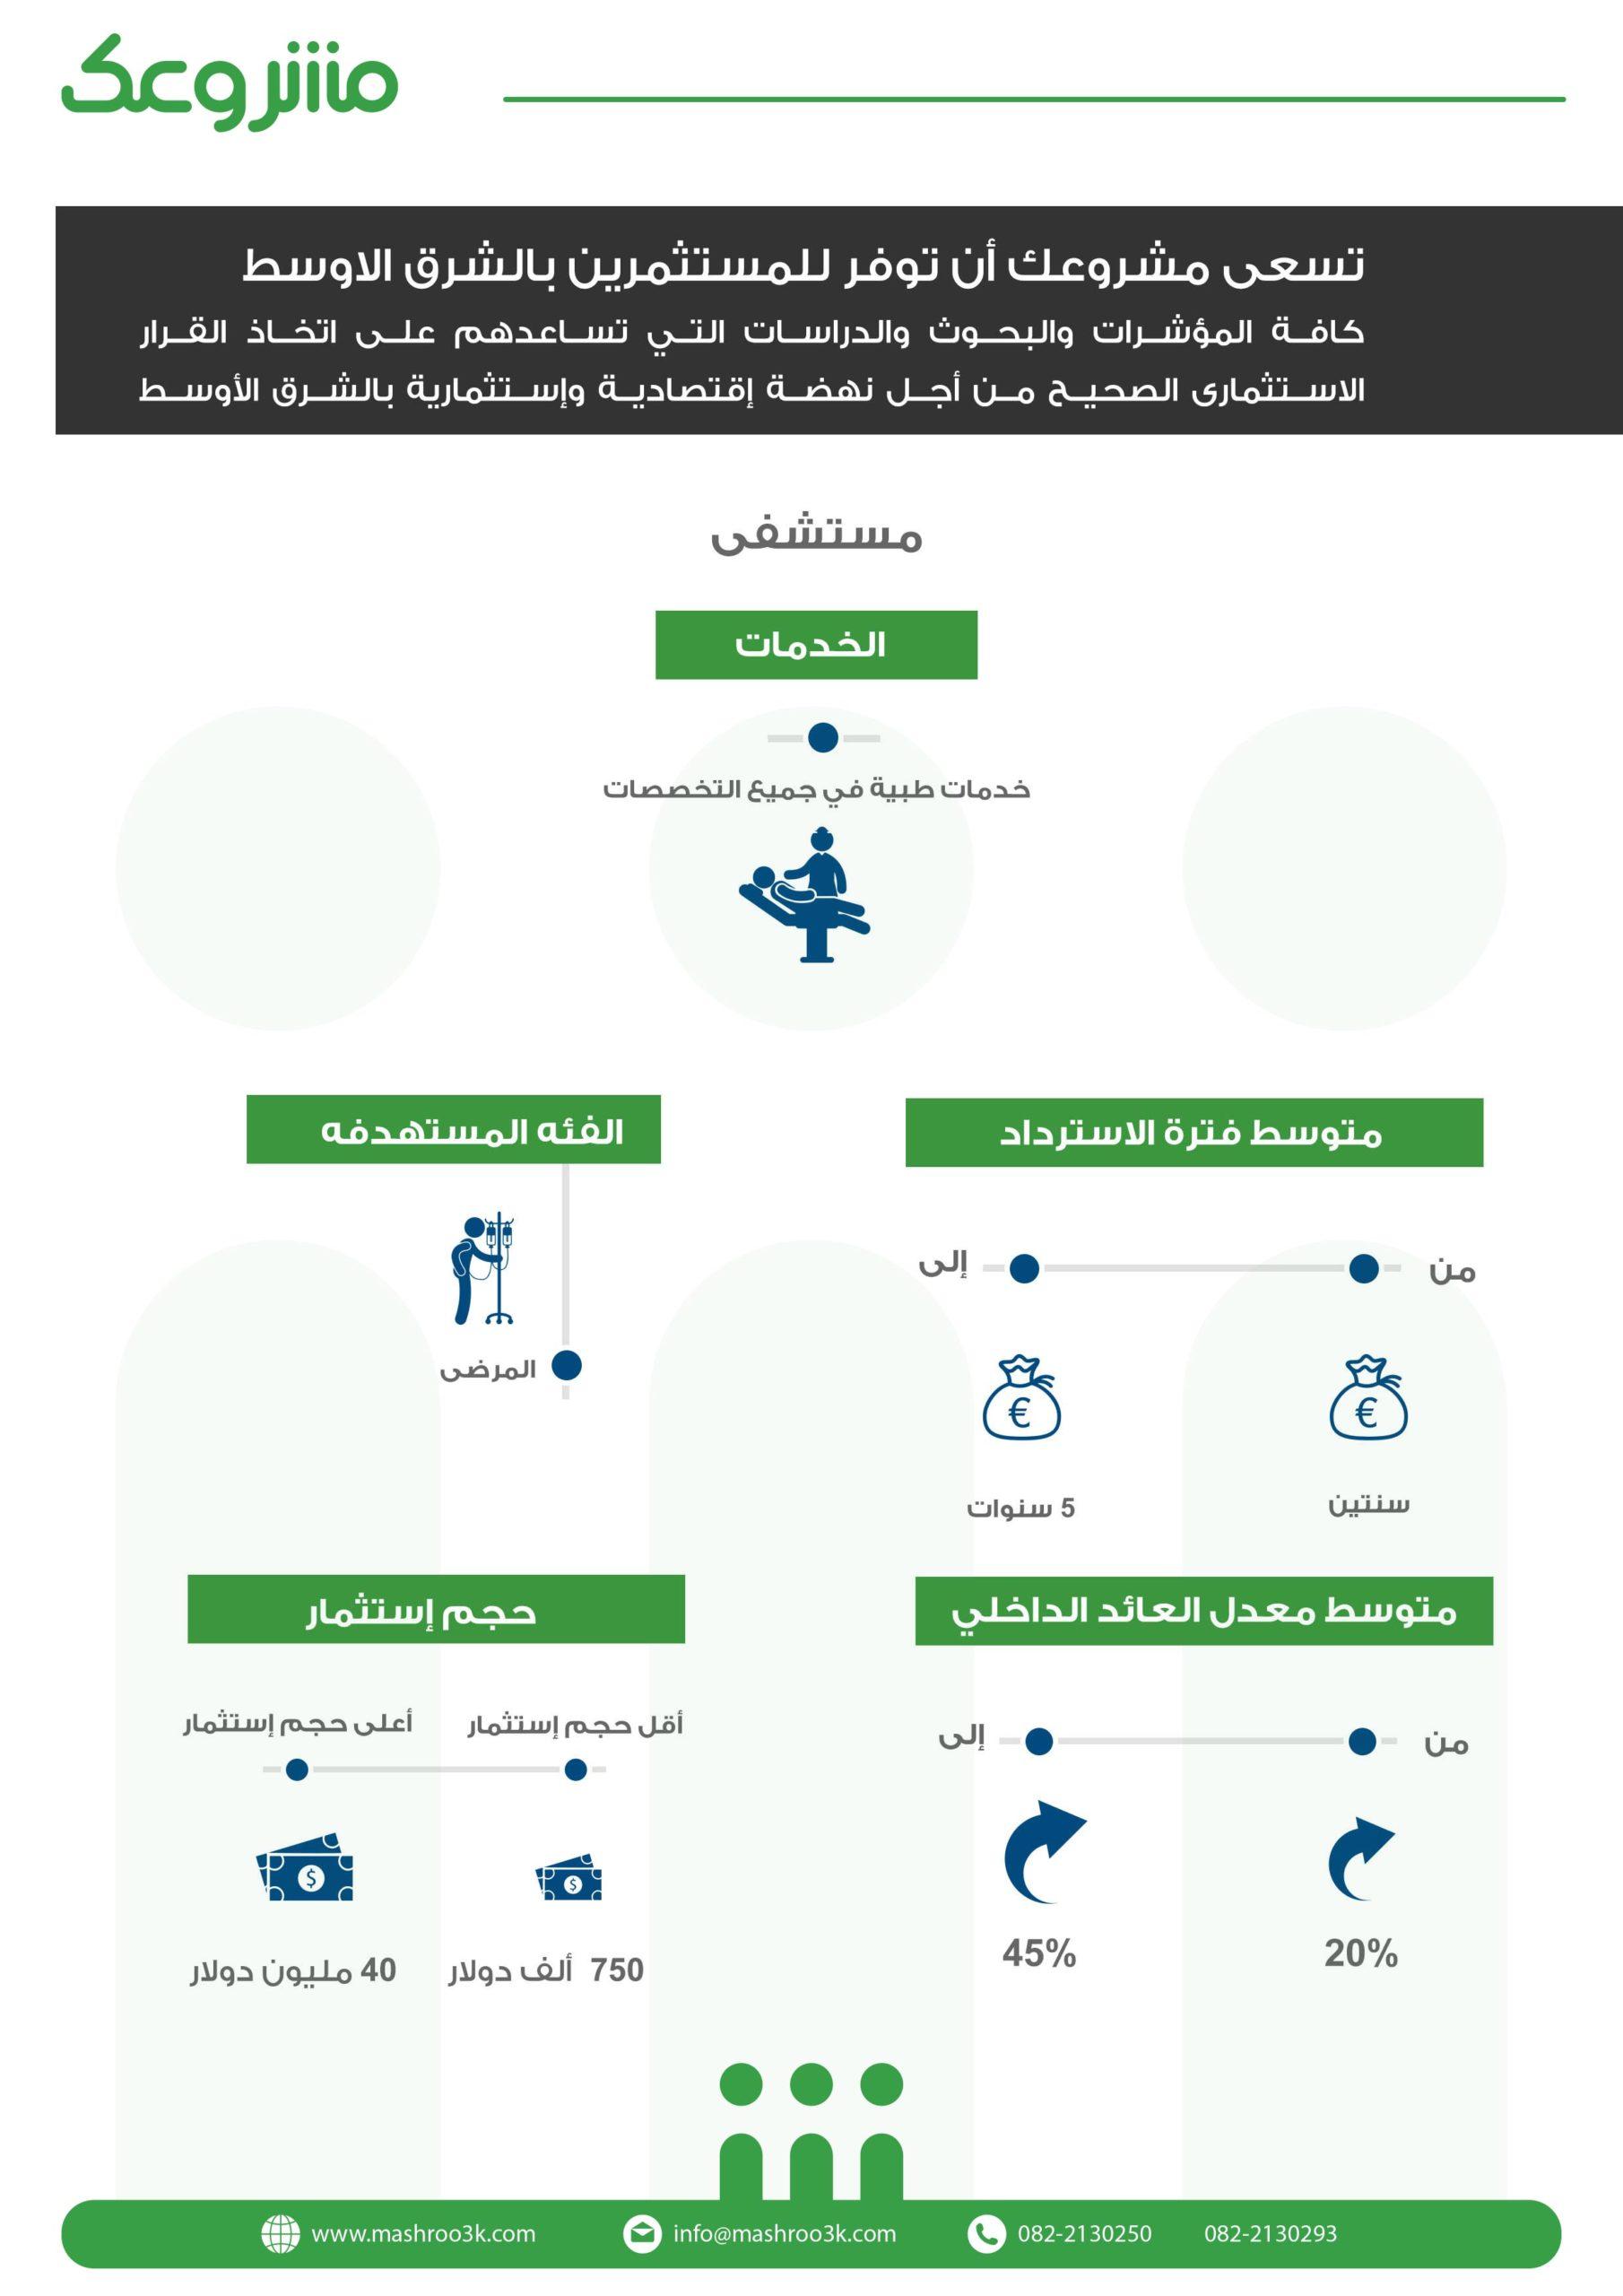 المؤشرات المالية لمشروع مستشفى